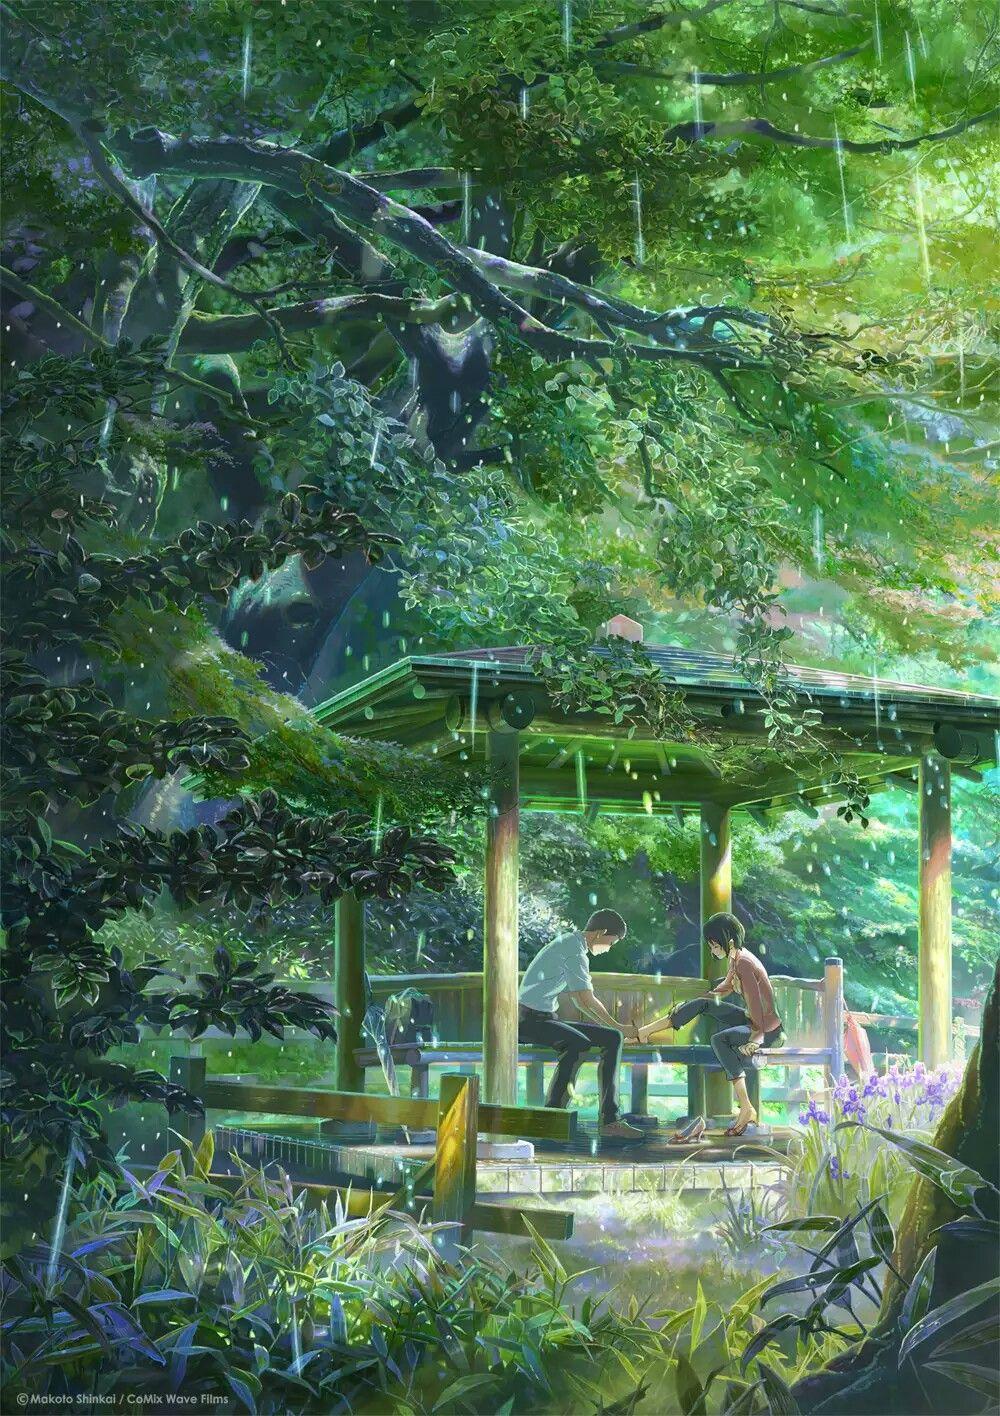 Pin De Khanh Vy En Anime Jardin De Las Palabras Peliculas De Anime She And Her Cat